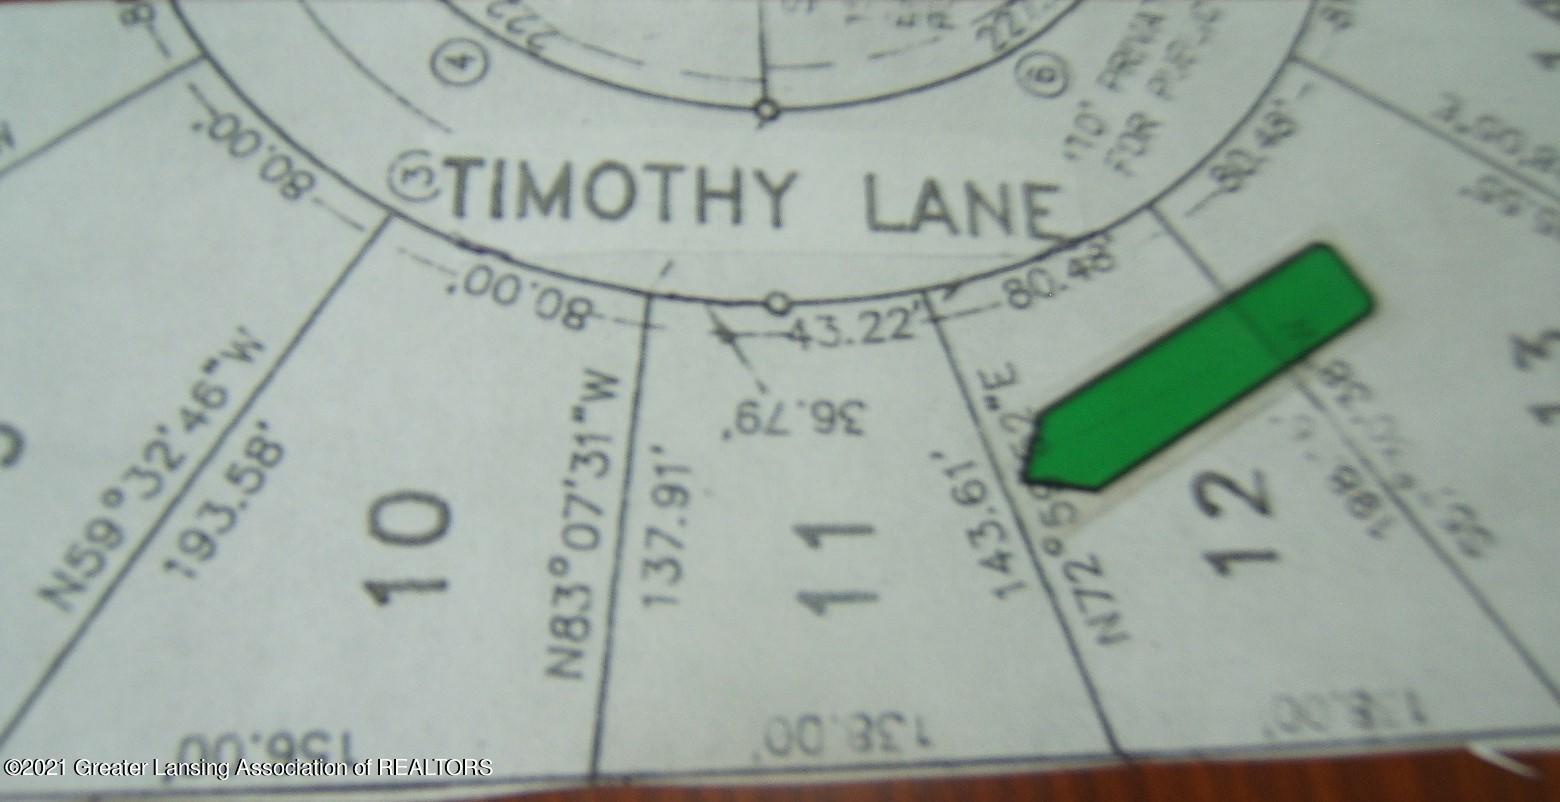 5522 Timothy Ln - DSCF2614 - 1